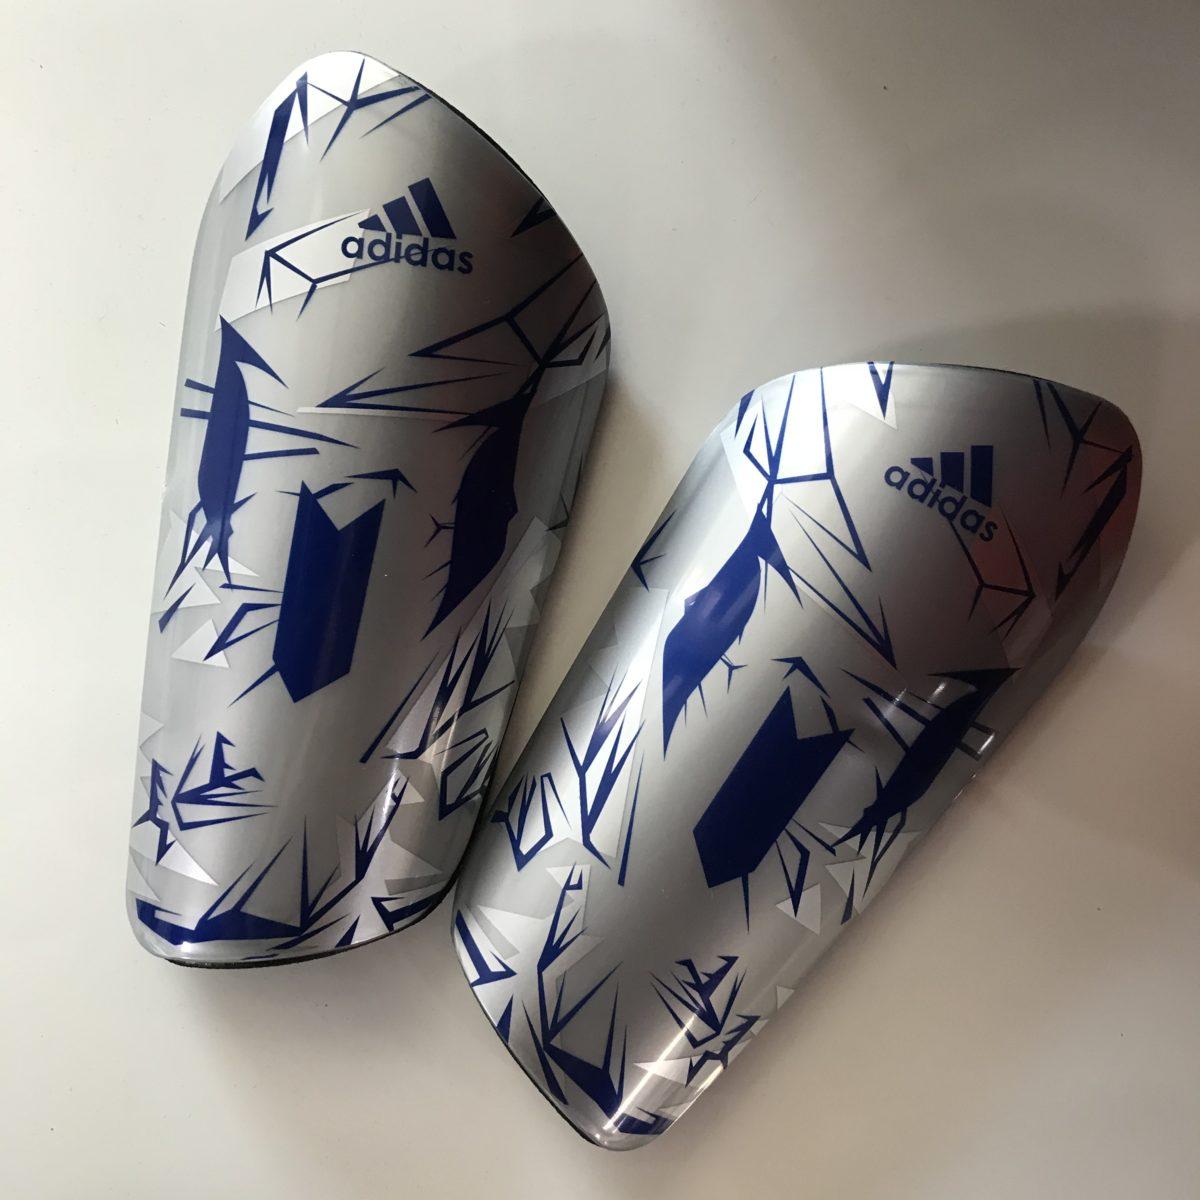 ADIDAS щитки: серый/синий - 1